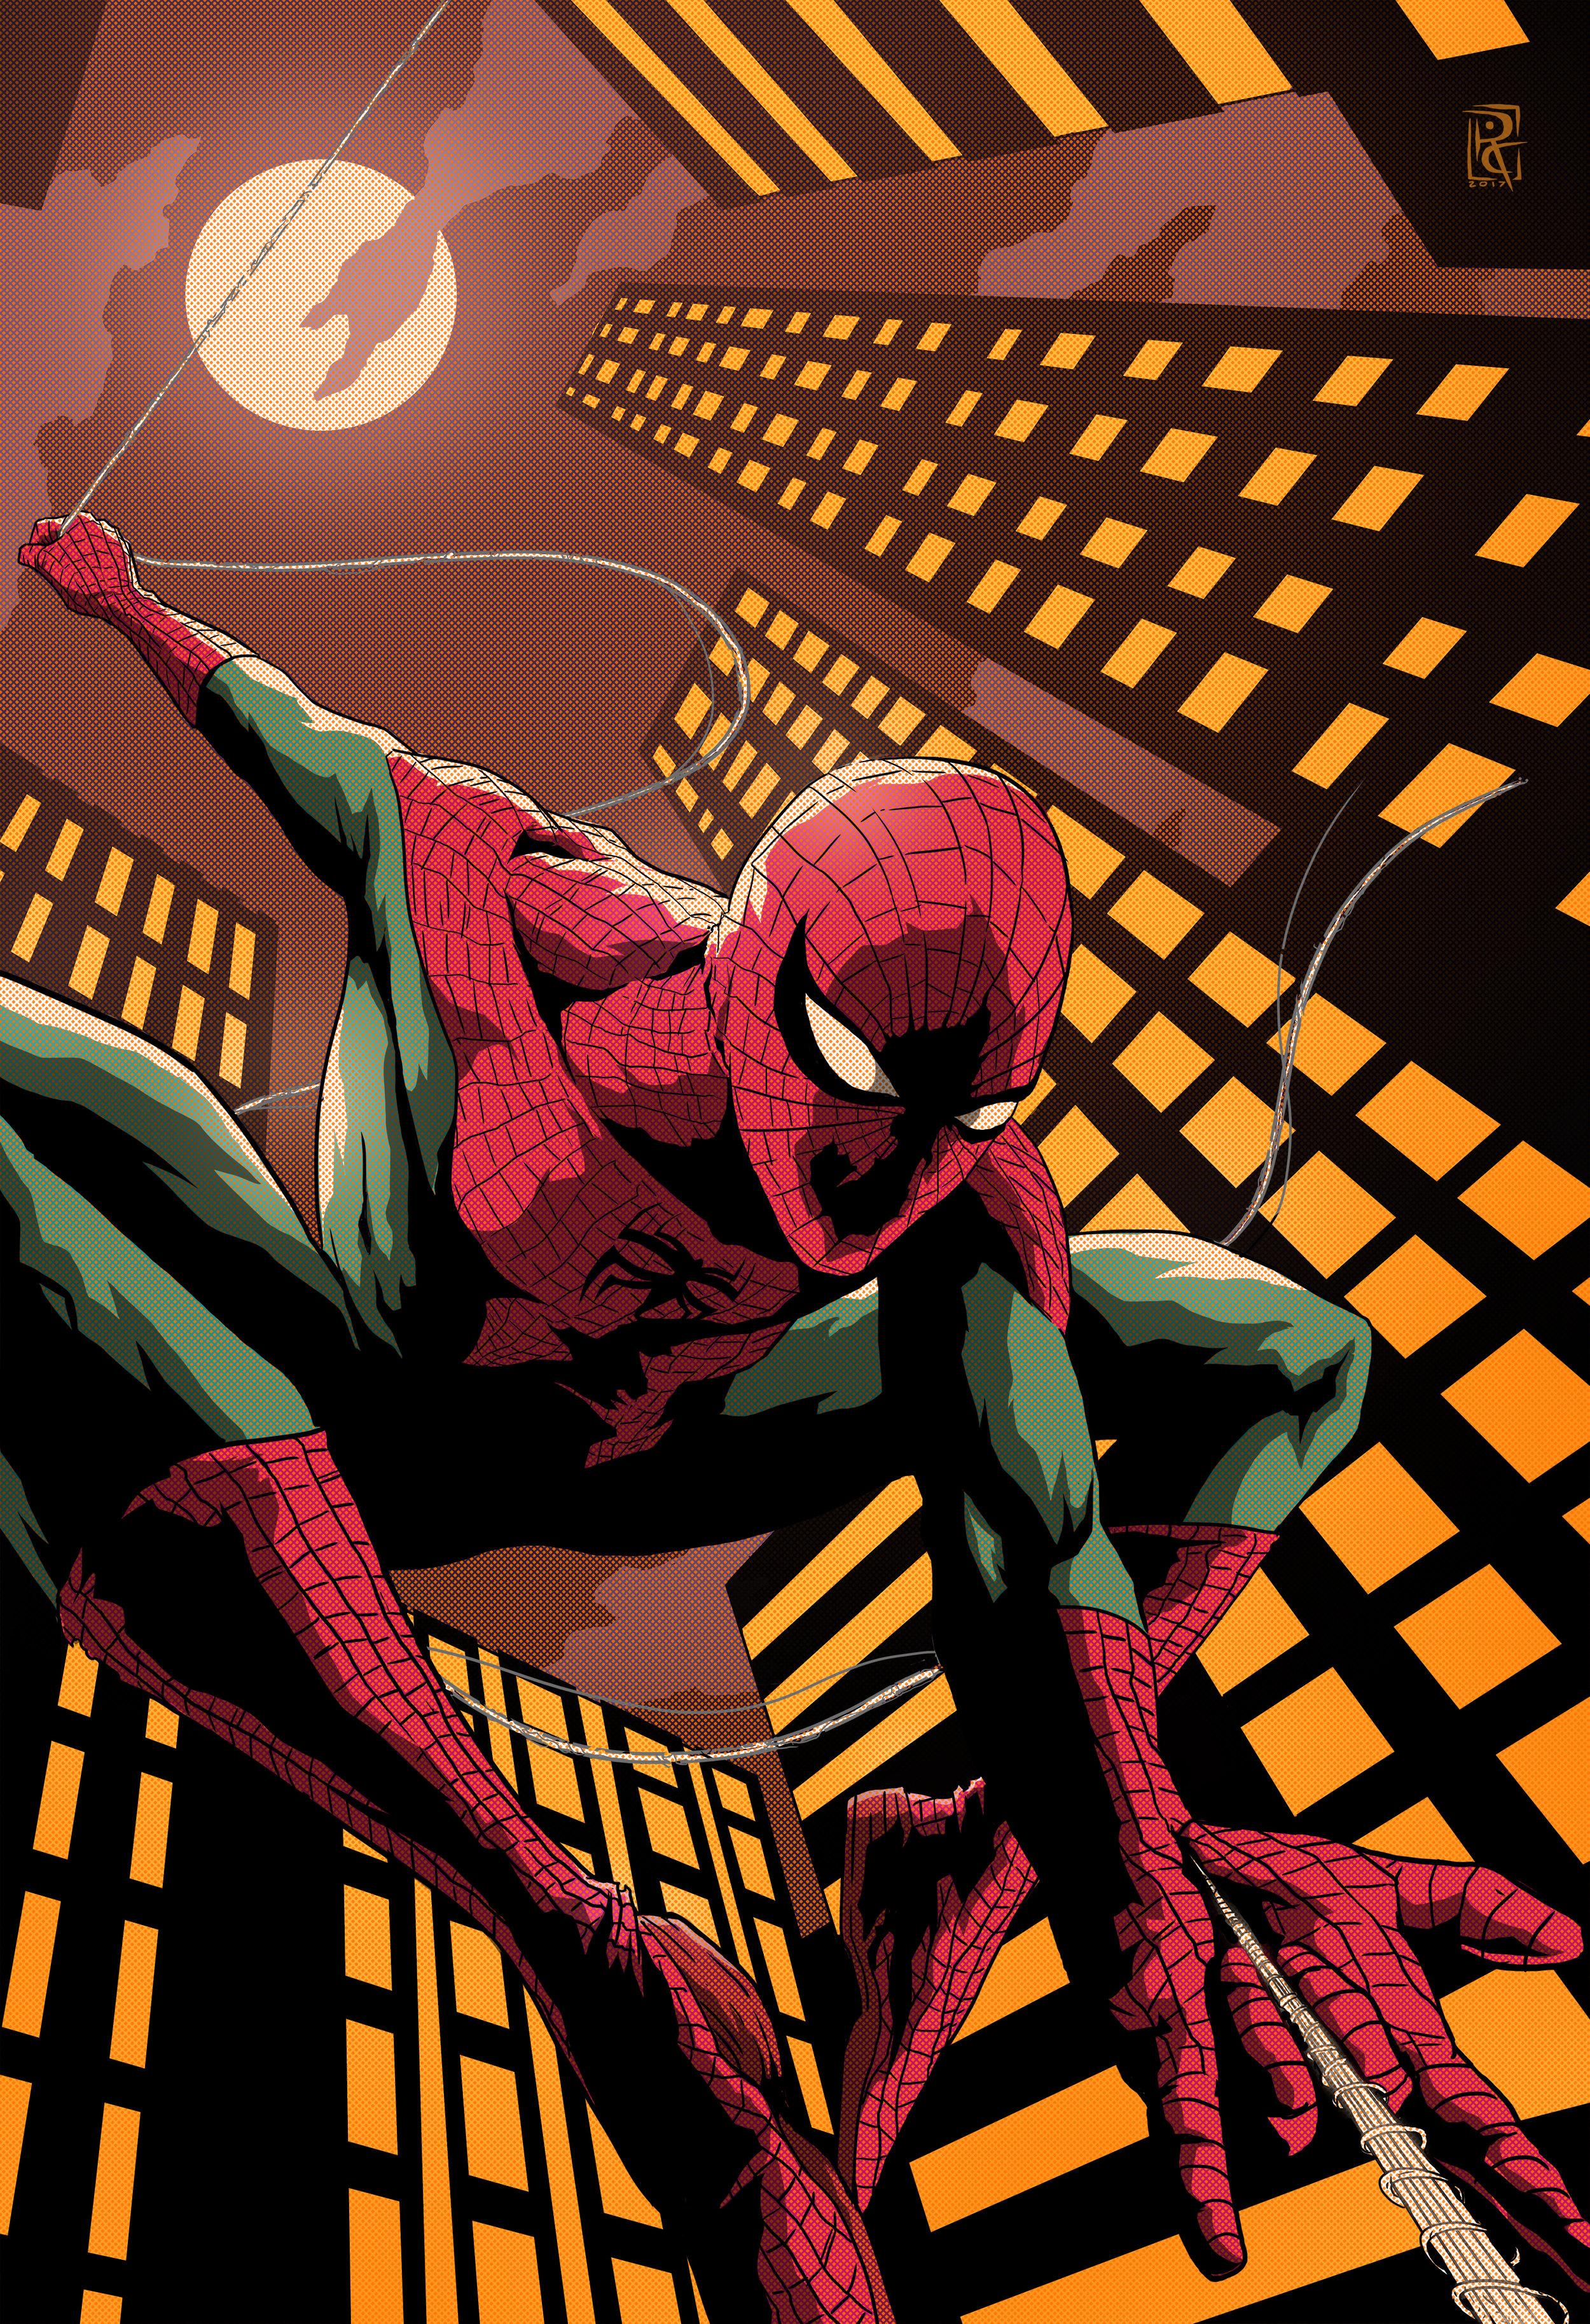 Spider-ManVariationPost.jpg